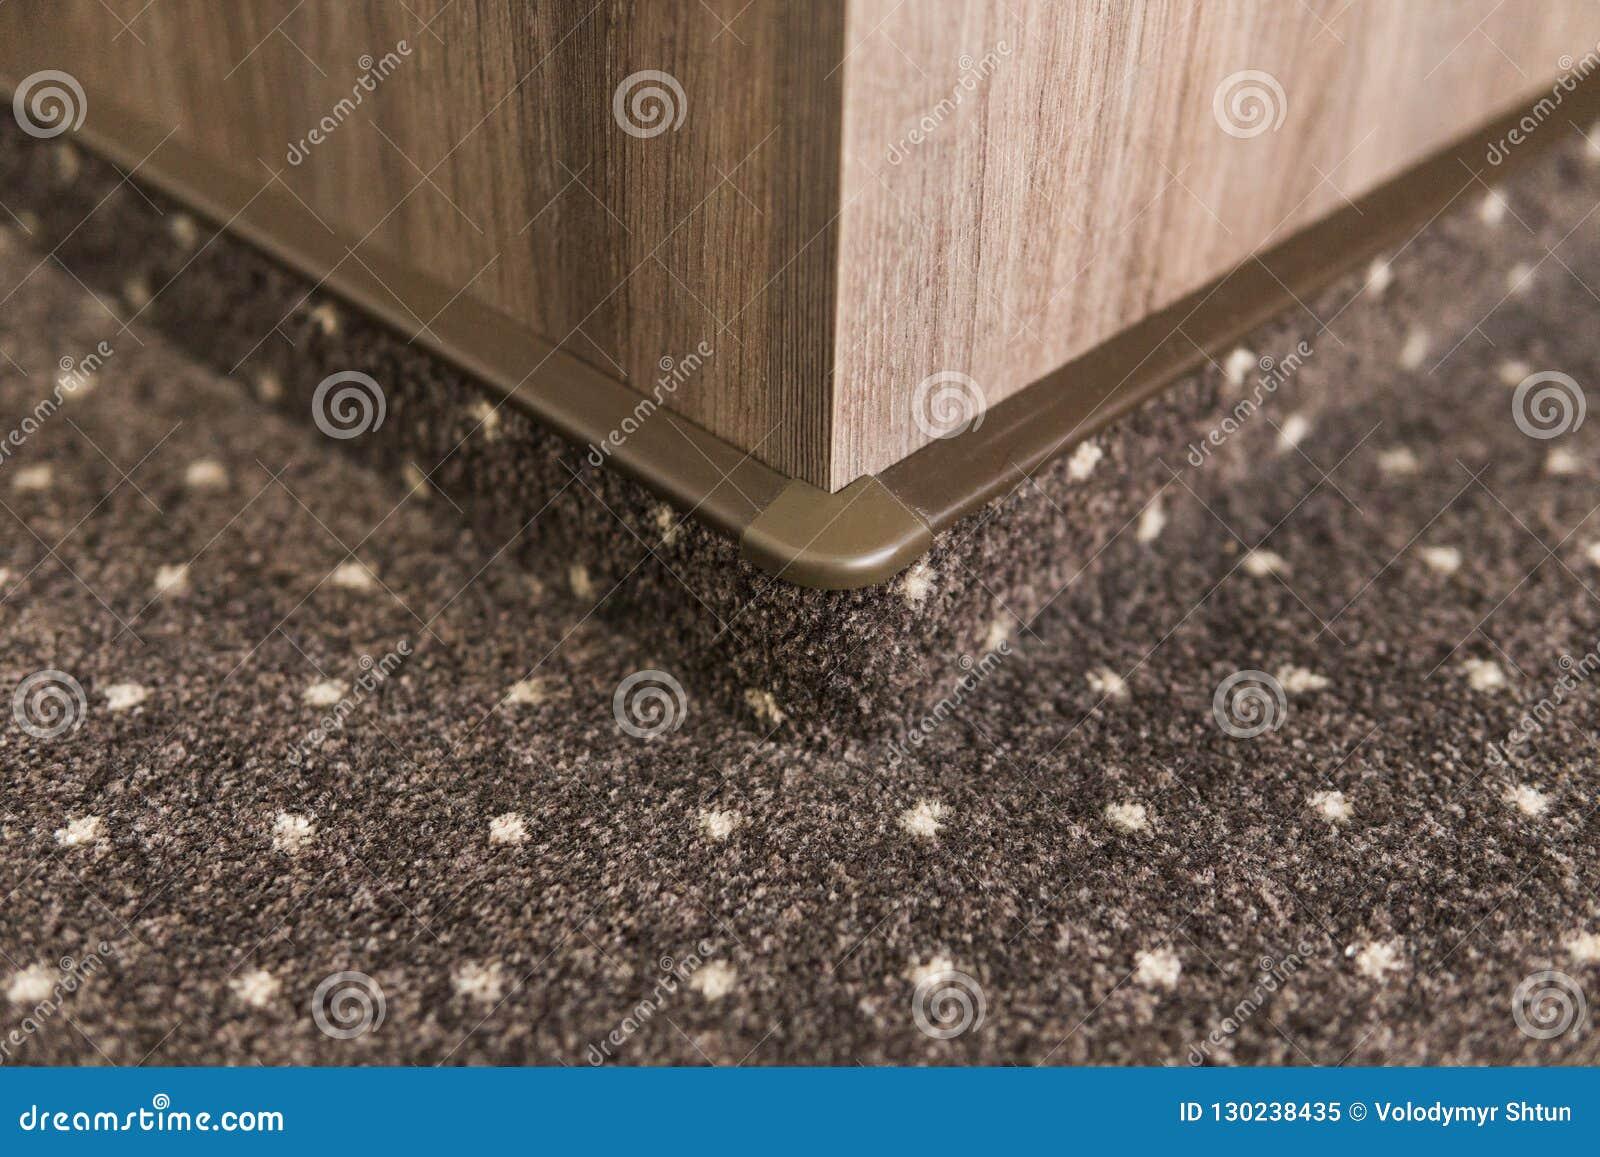 Battiscopa Staccato Dal Pavimento pavimento di tappeto di brown con punti bianchi con una